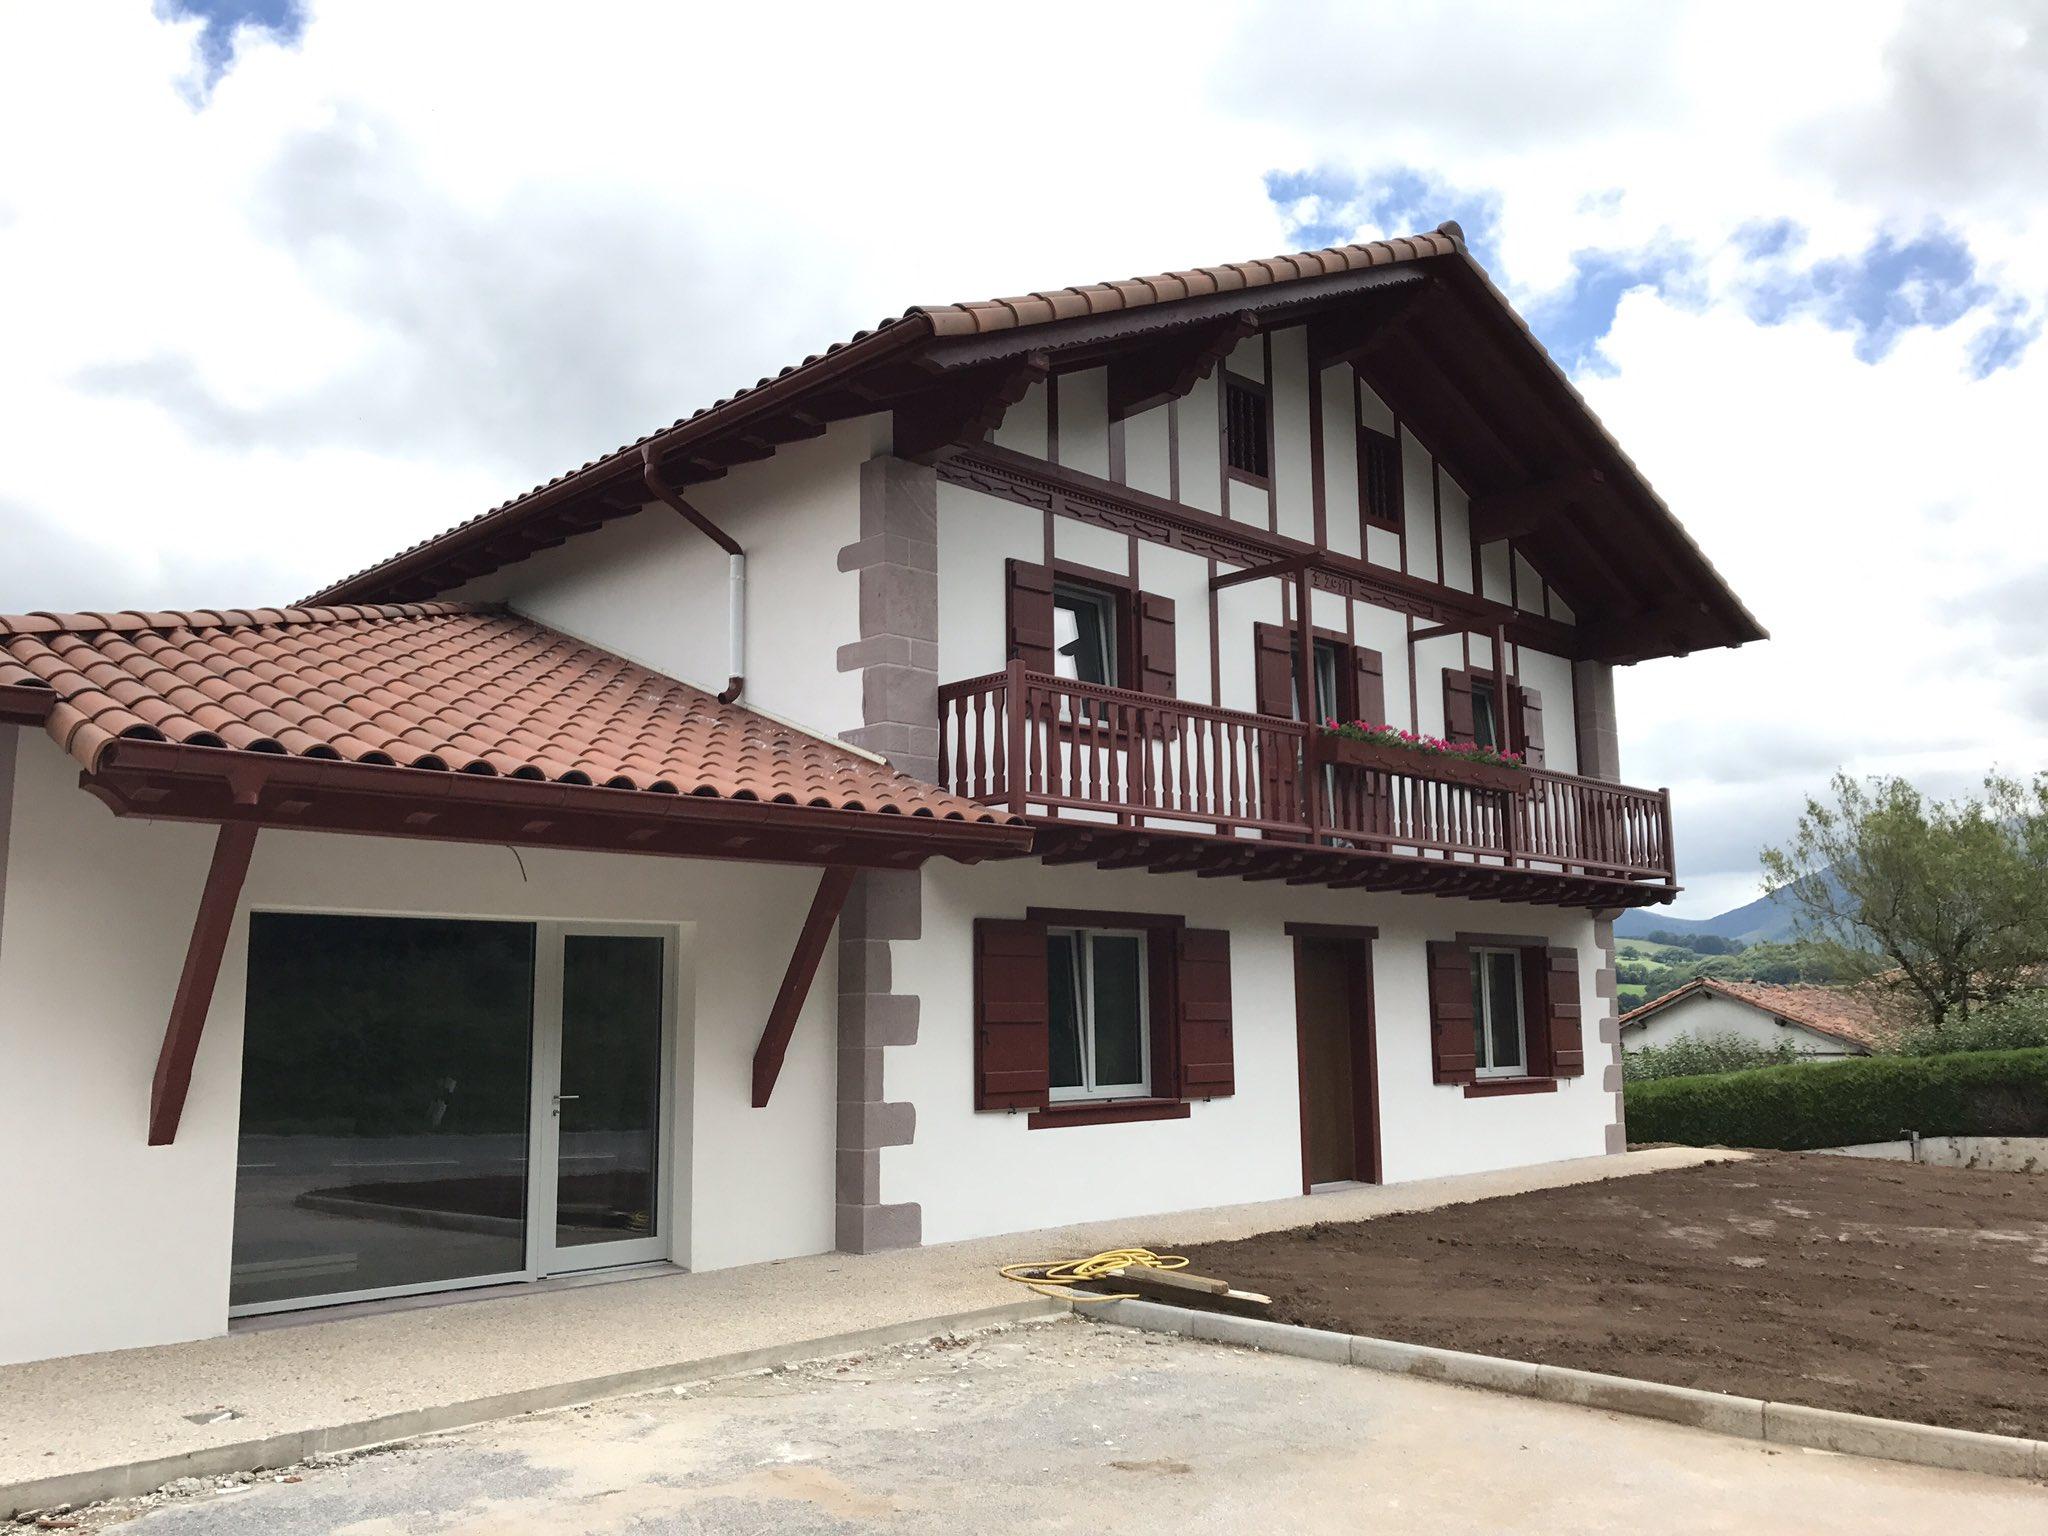 Visita los apartamentos rurales Mendialdea con motivo de las jornadas de puertas abiertas Passivhaus